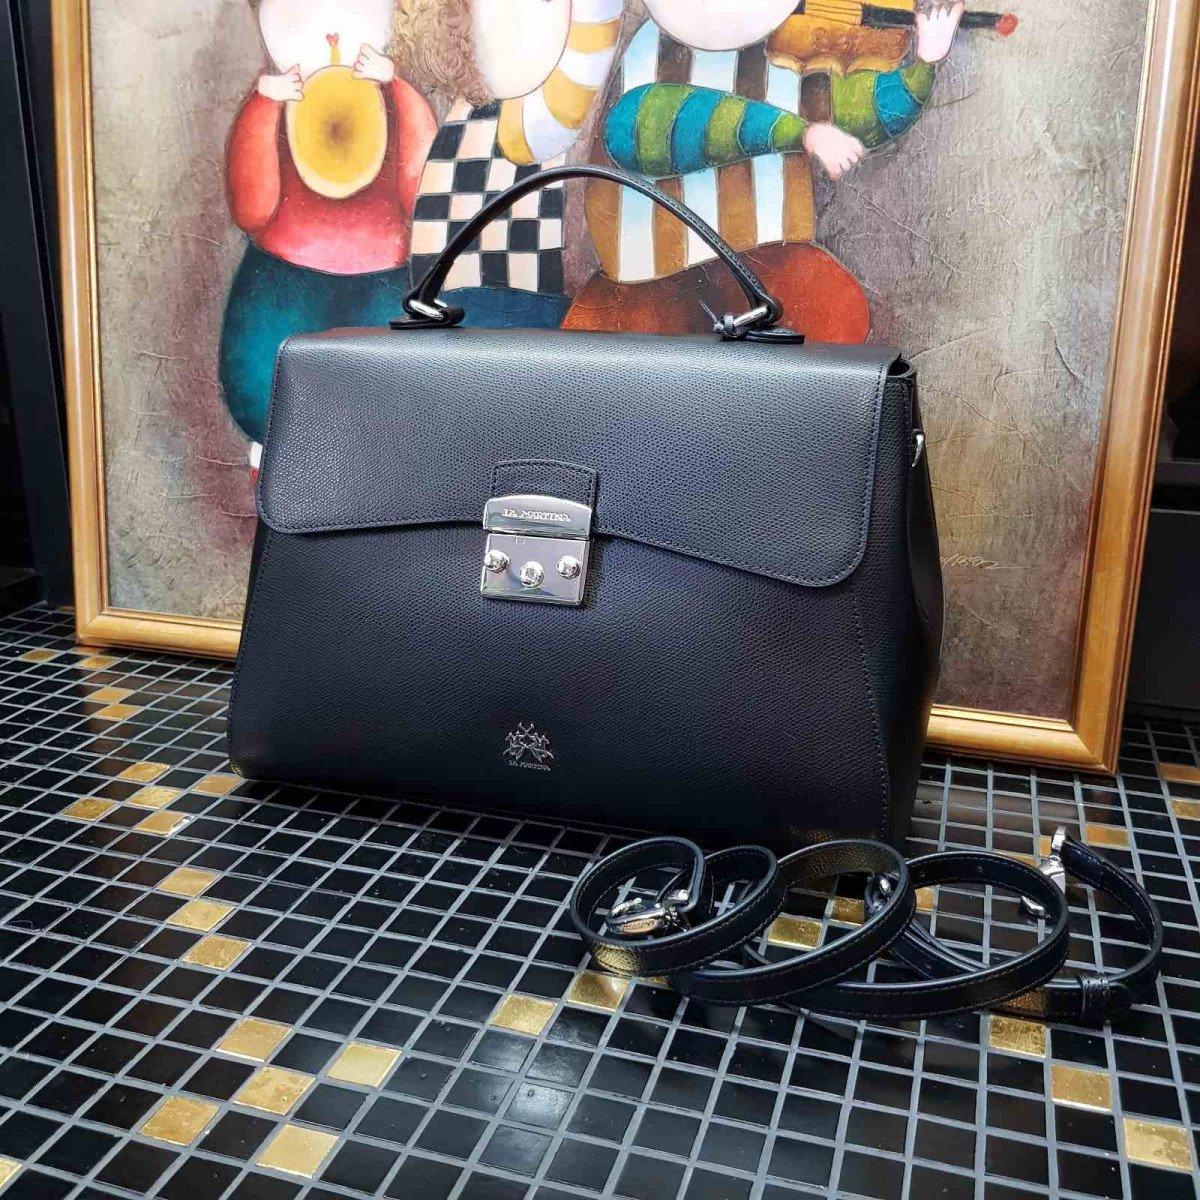 Кожаная женская сумка LA Martina 41W405 P0005 black из натуральной кожи из натуральной кожи